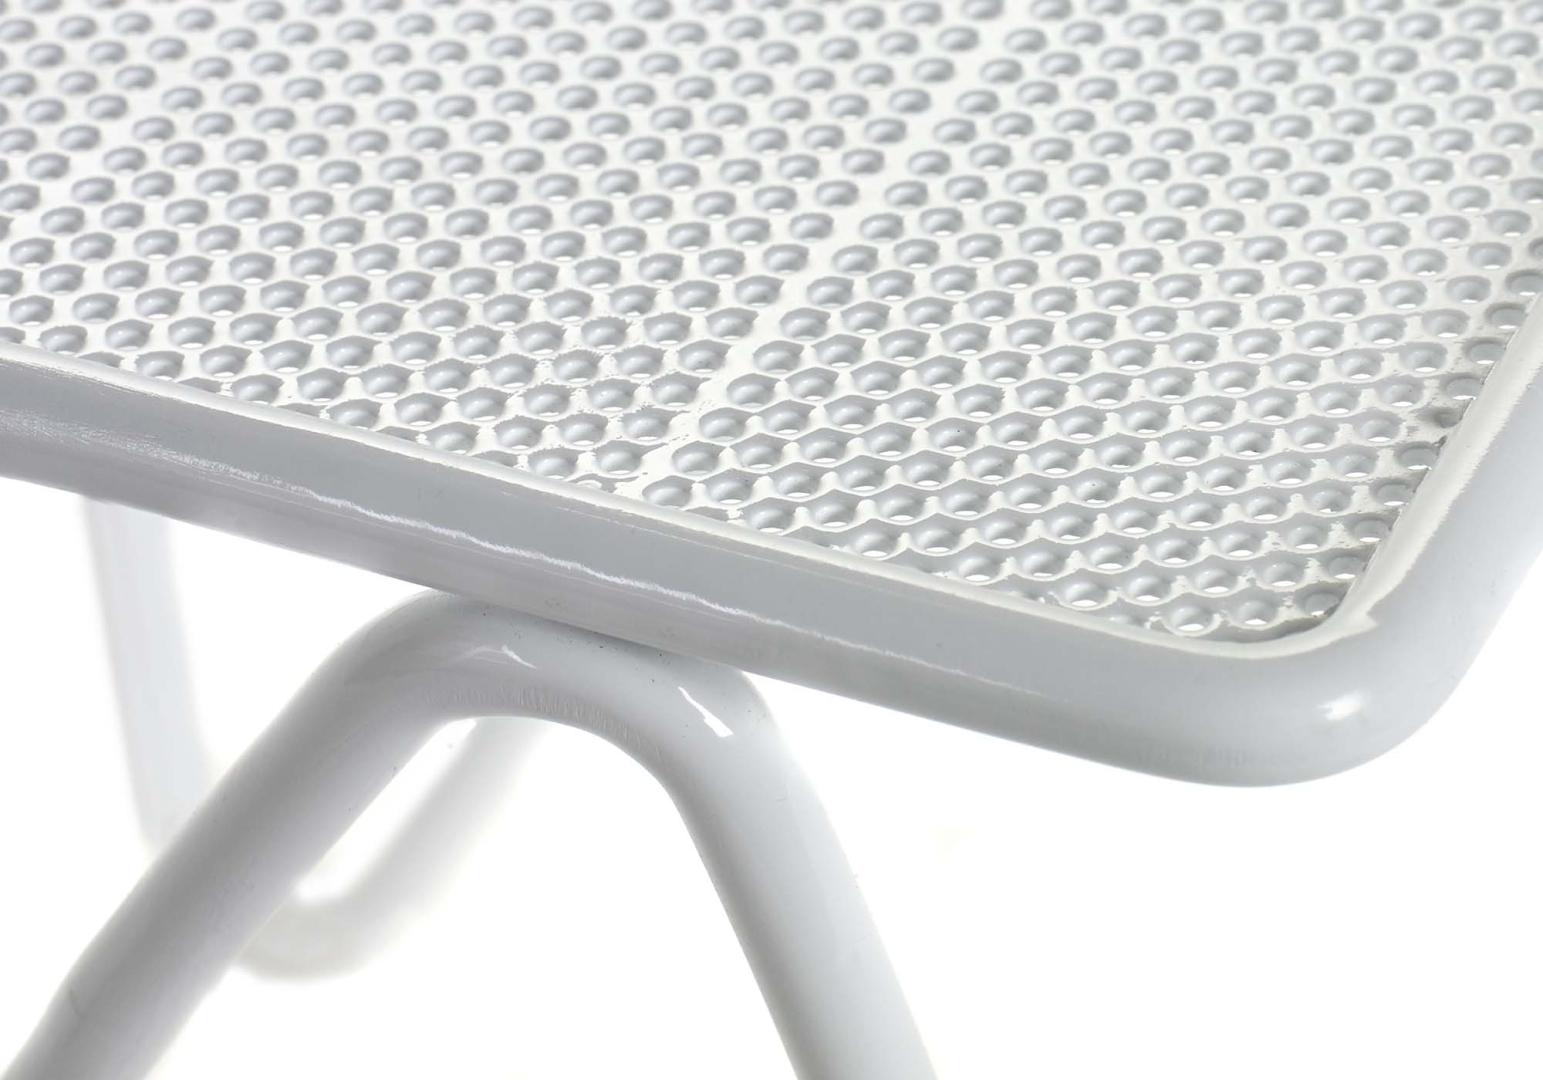 Table d'appoint en aluminium - SERAX